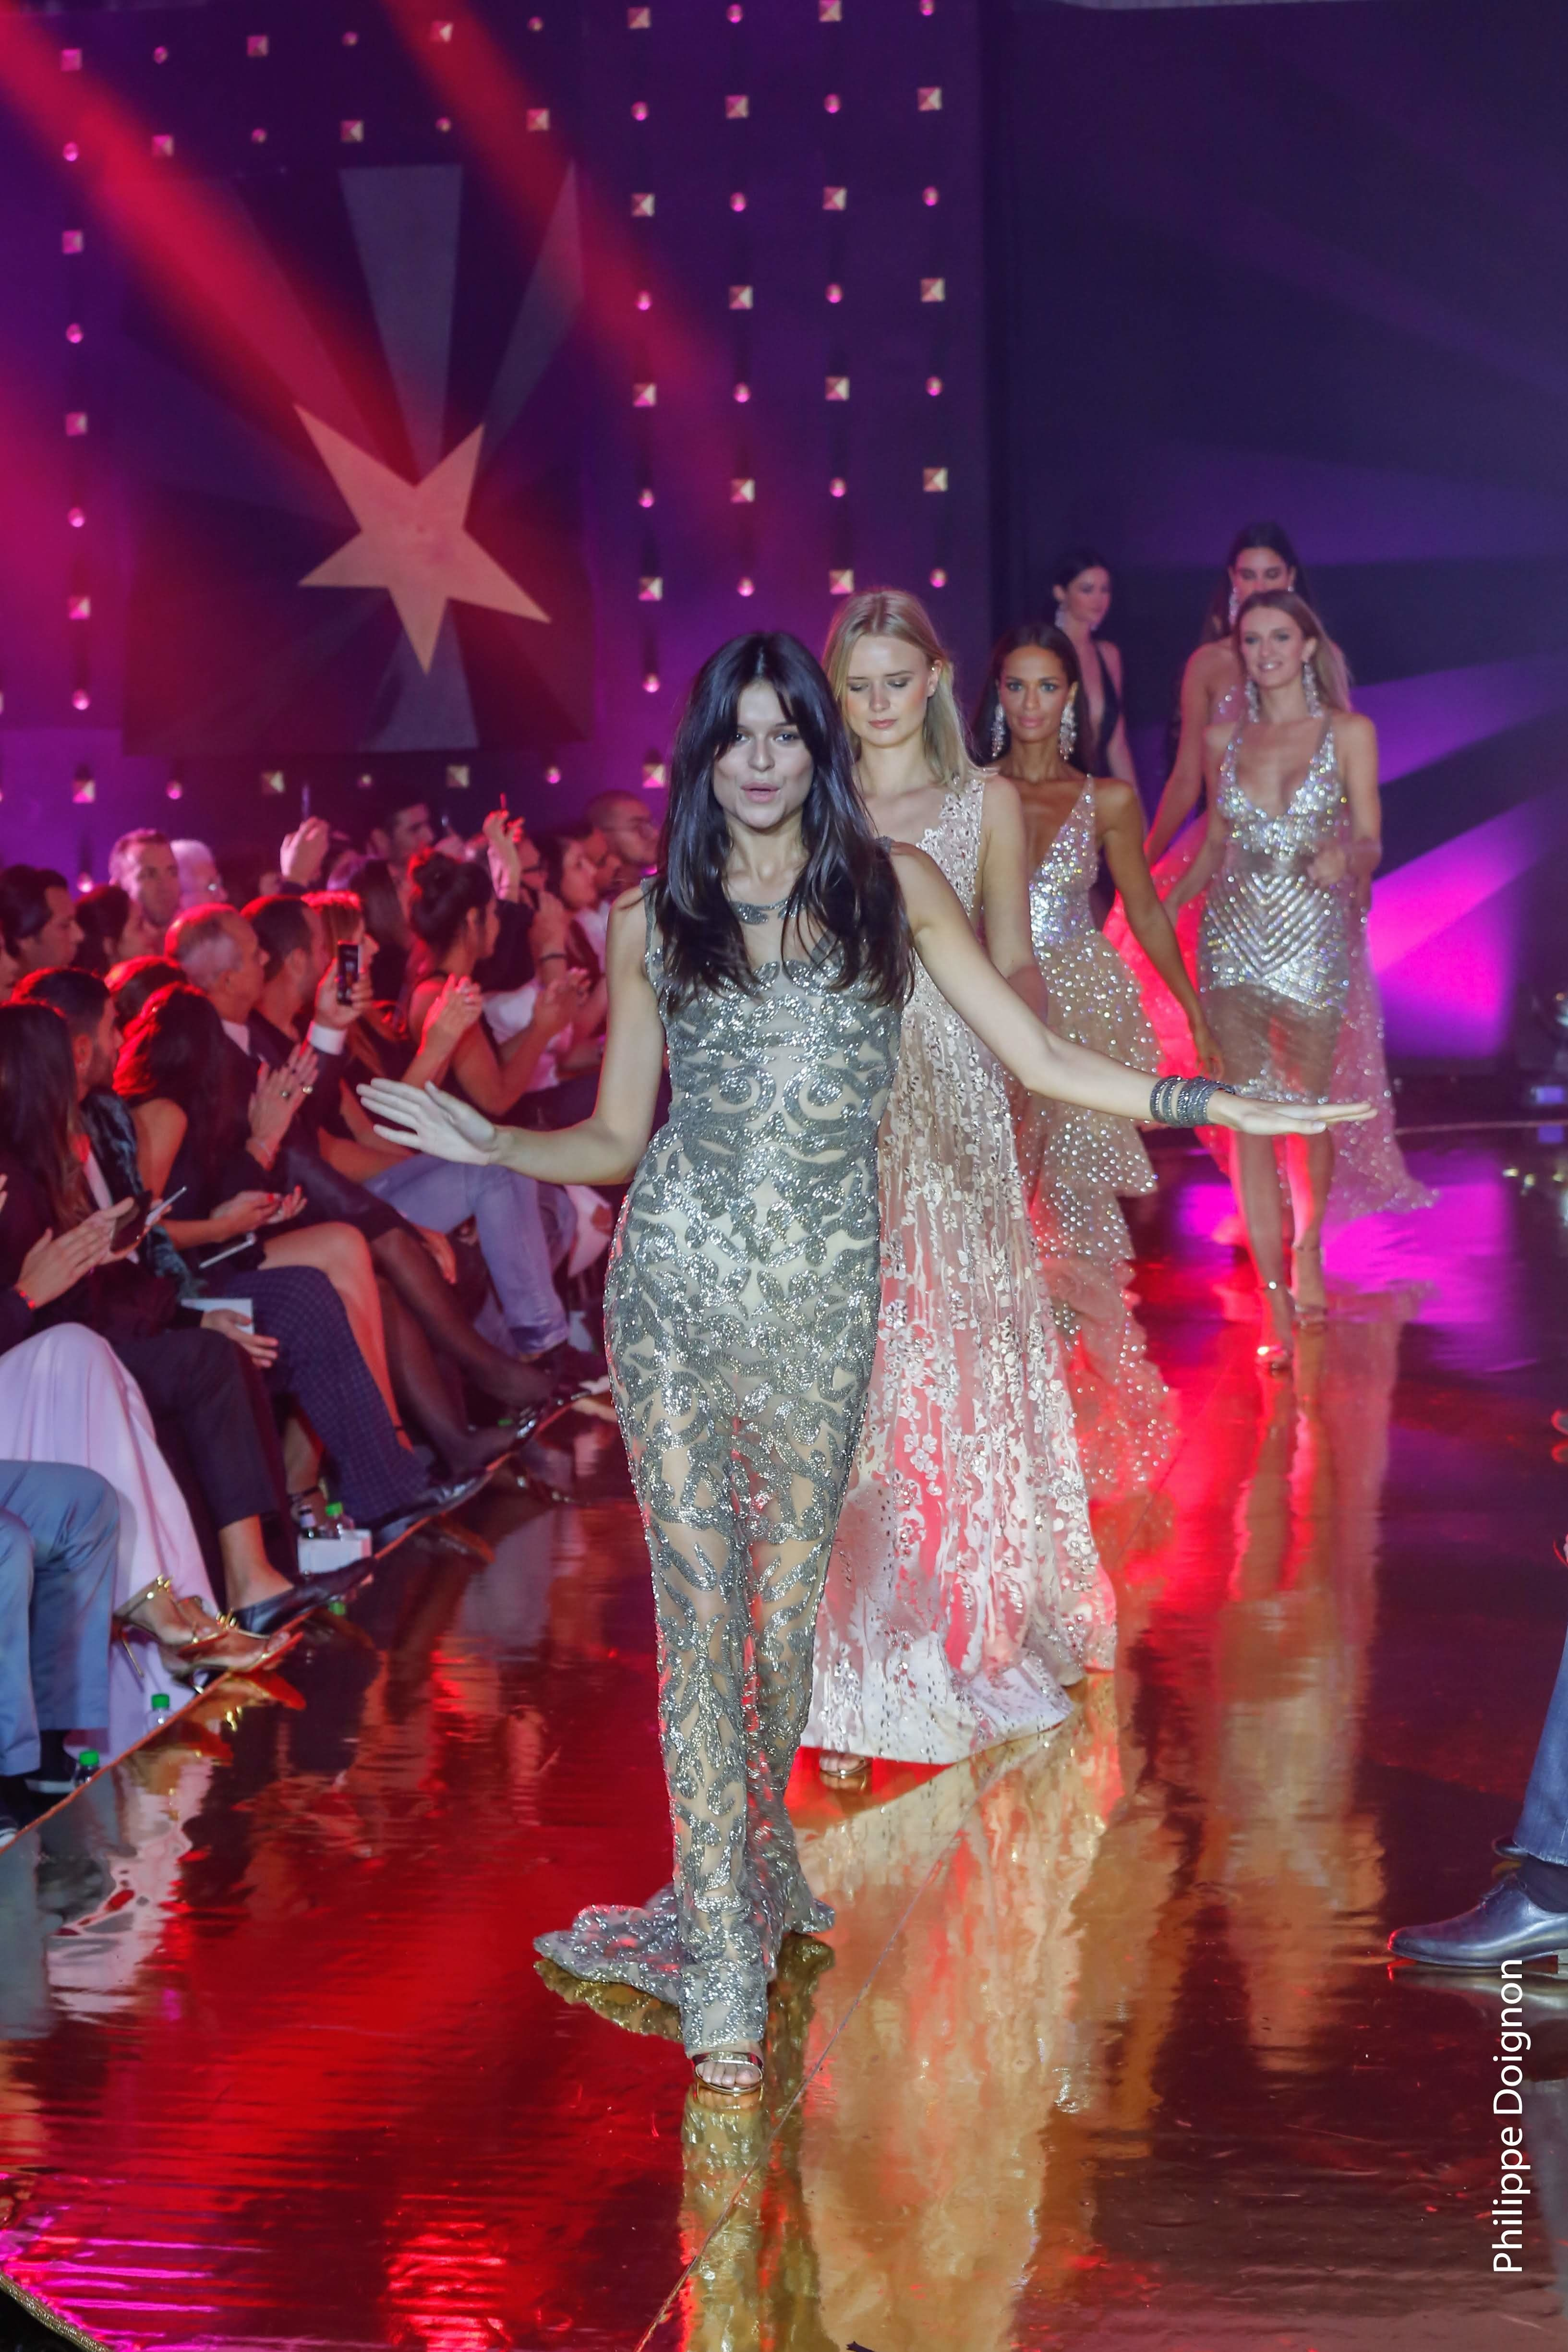 Casa Fashion Show 2018: Une édition sous le signe du Glam'Rock pour célébrer la femme